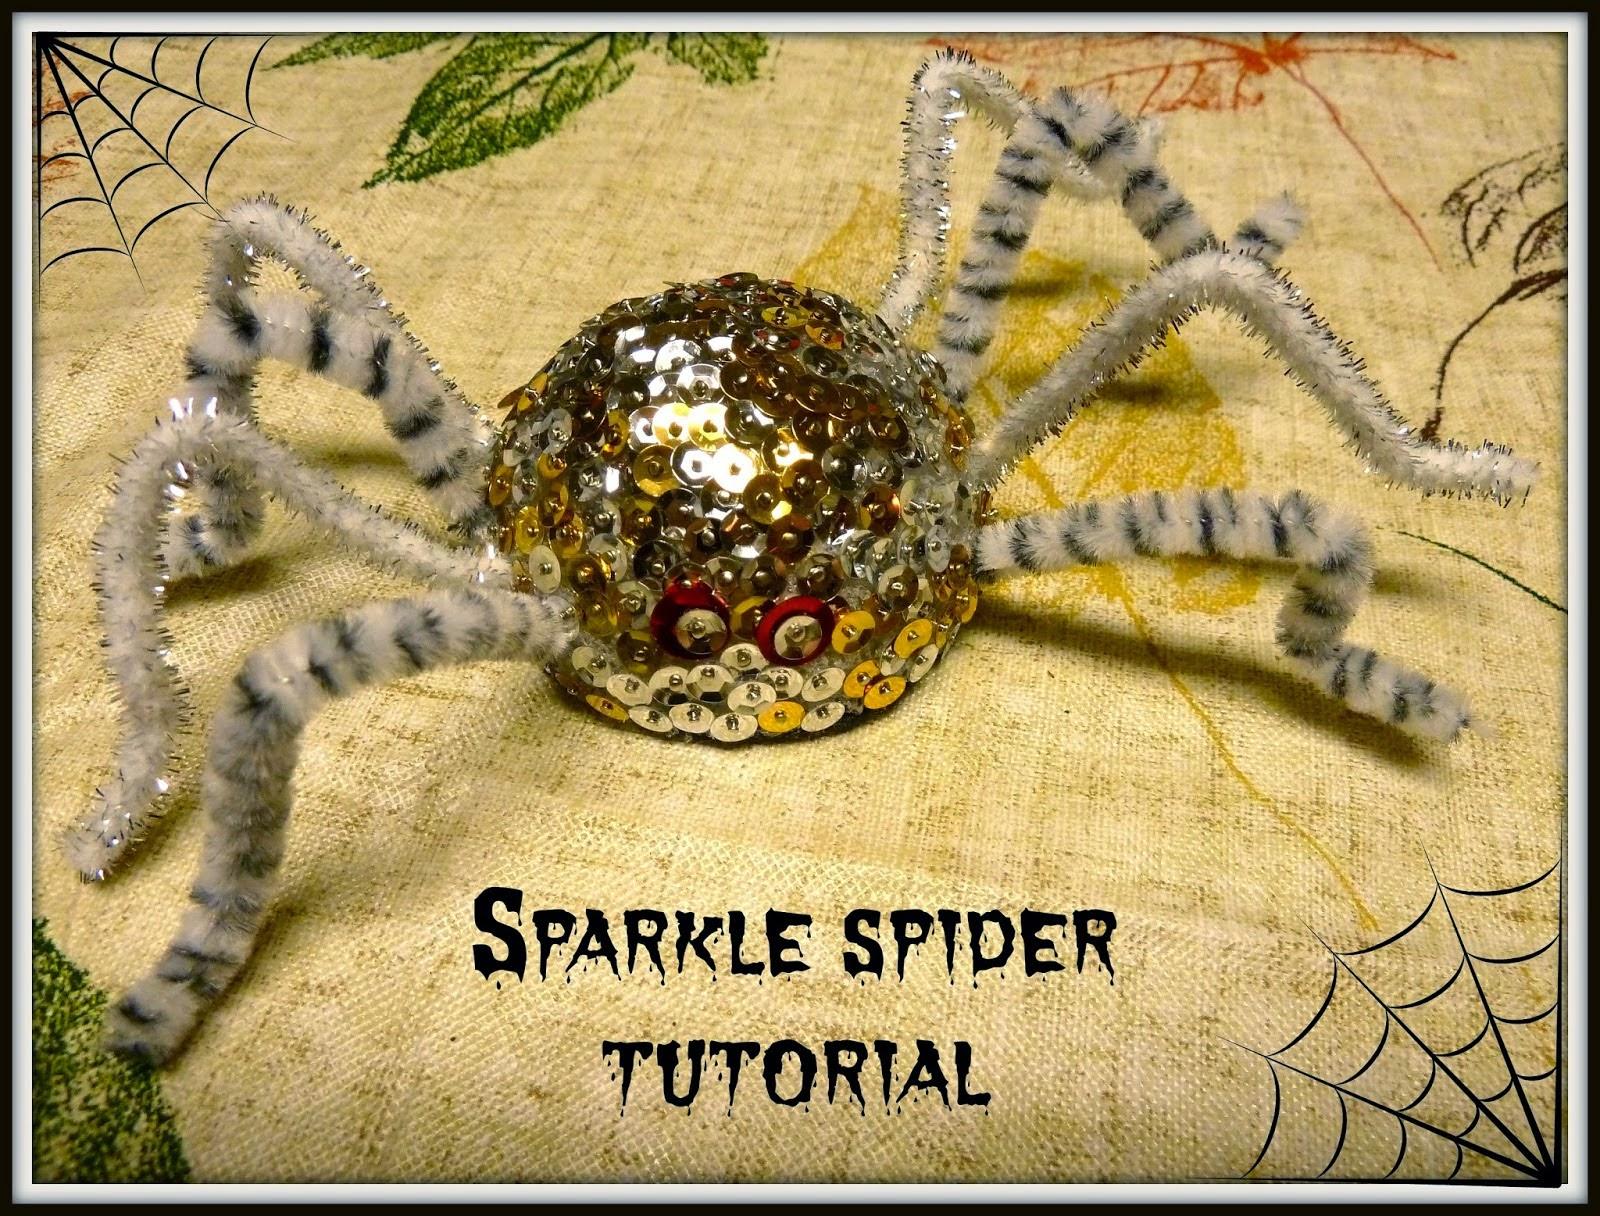 http://www.makeiteasycrafts.com/2014/09/sparkle-spider-tutorial.html